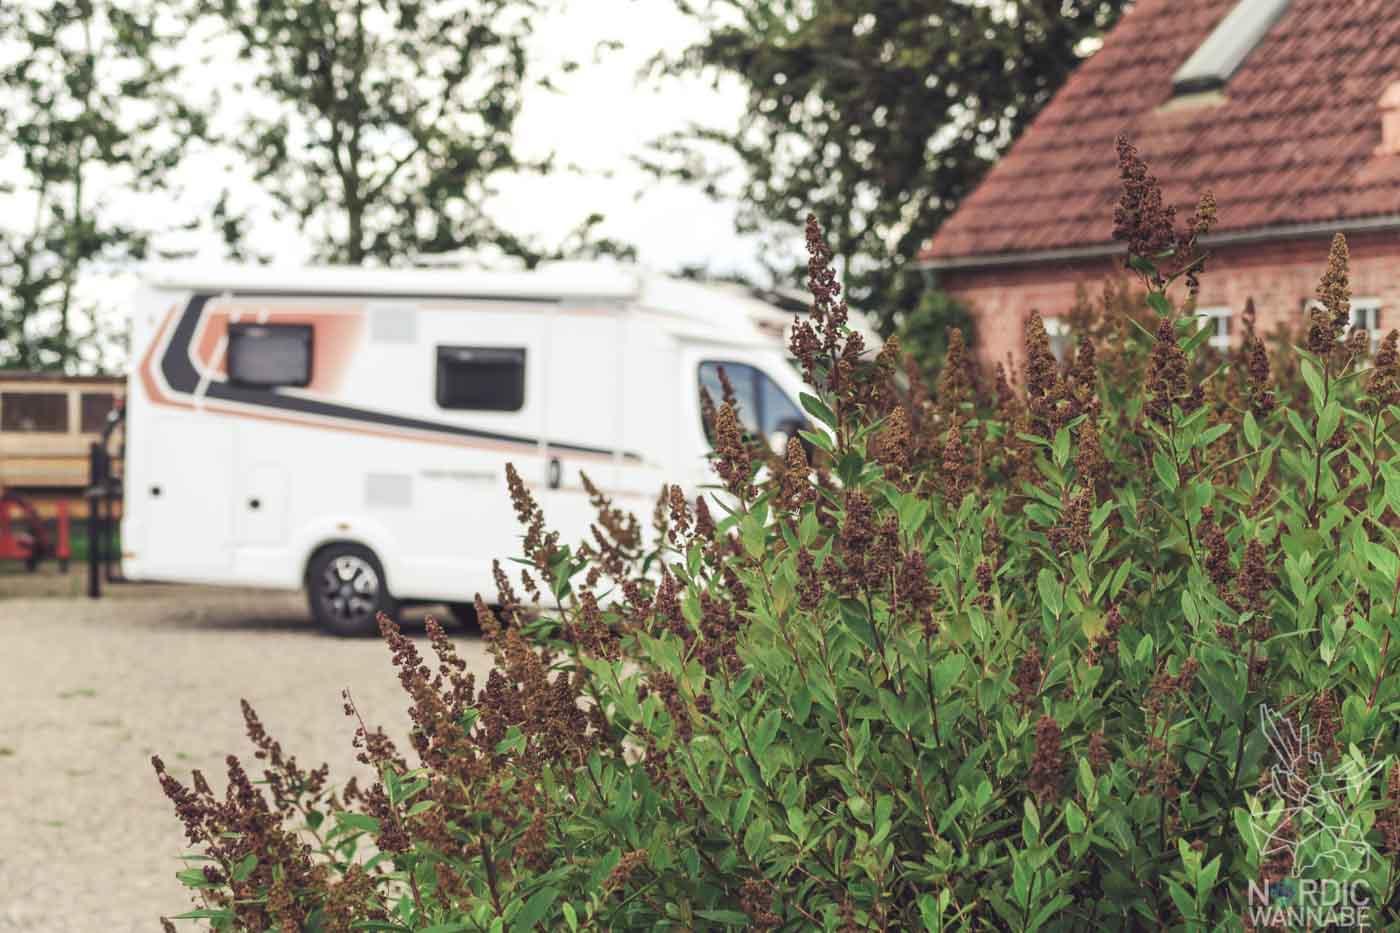 Vejle - Süddänemark Urlaub - Jütland, Wohnmobil, Camping, Dänemark